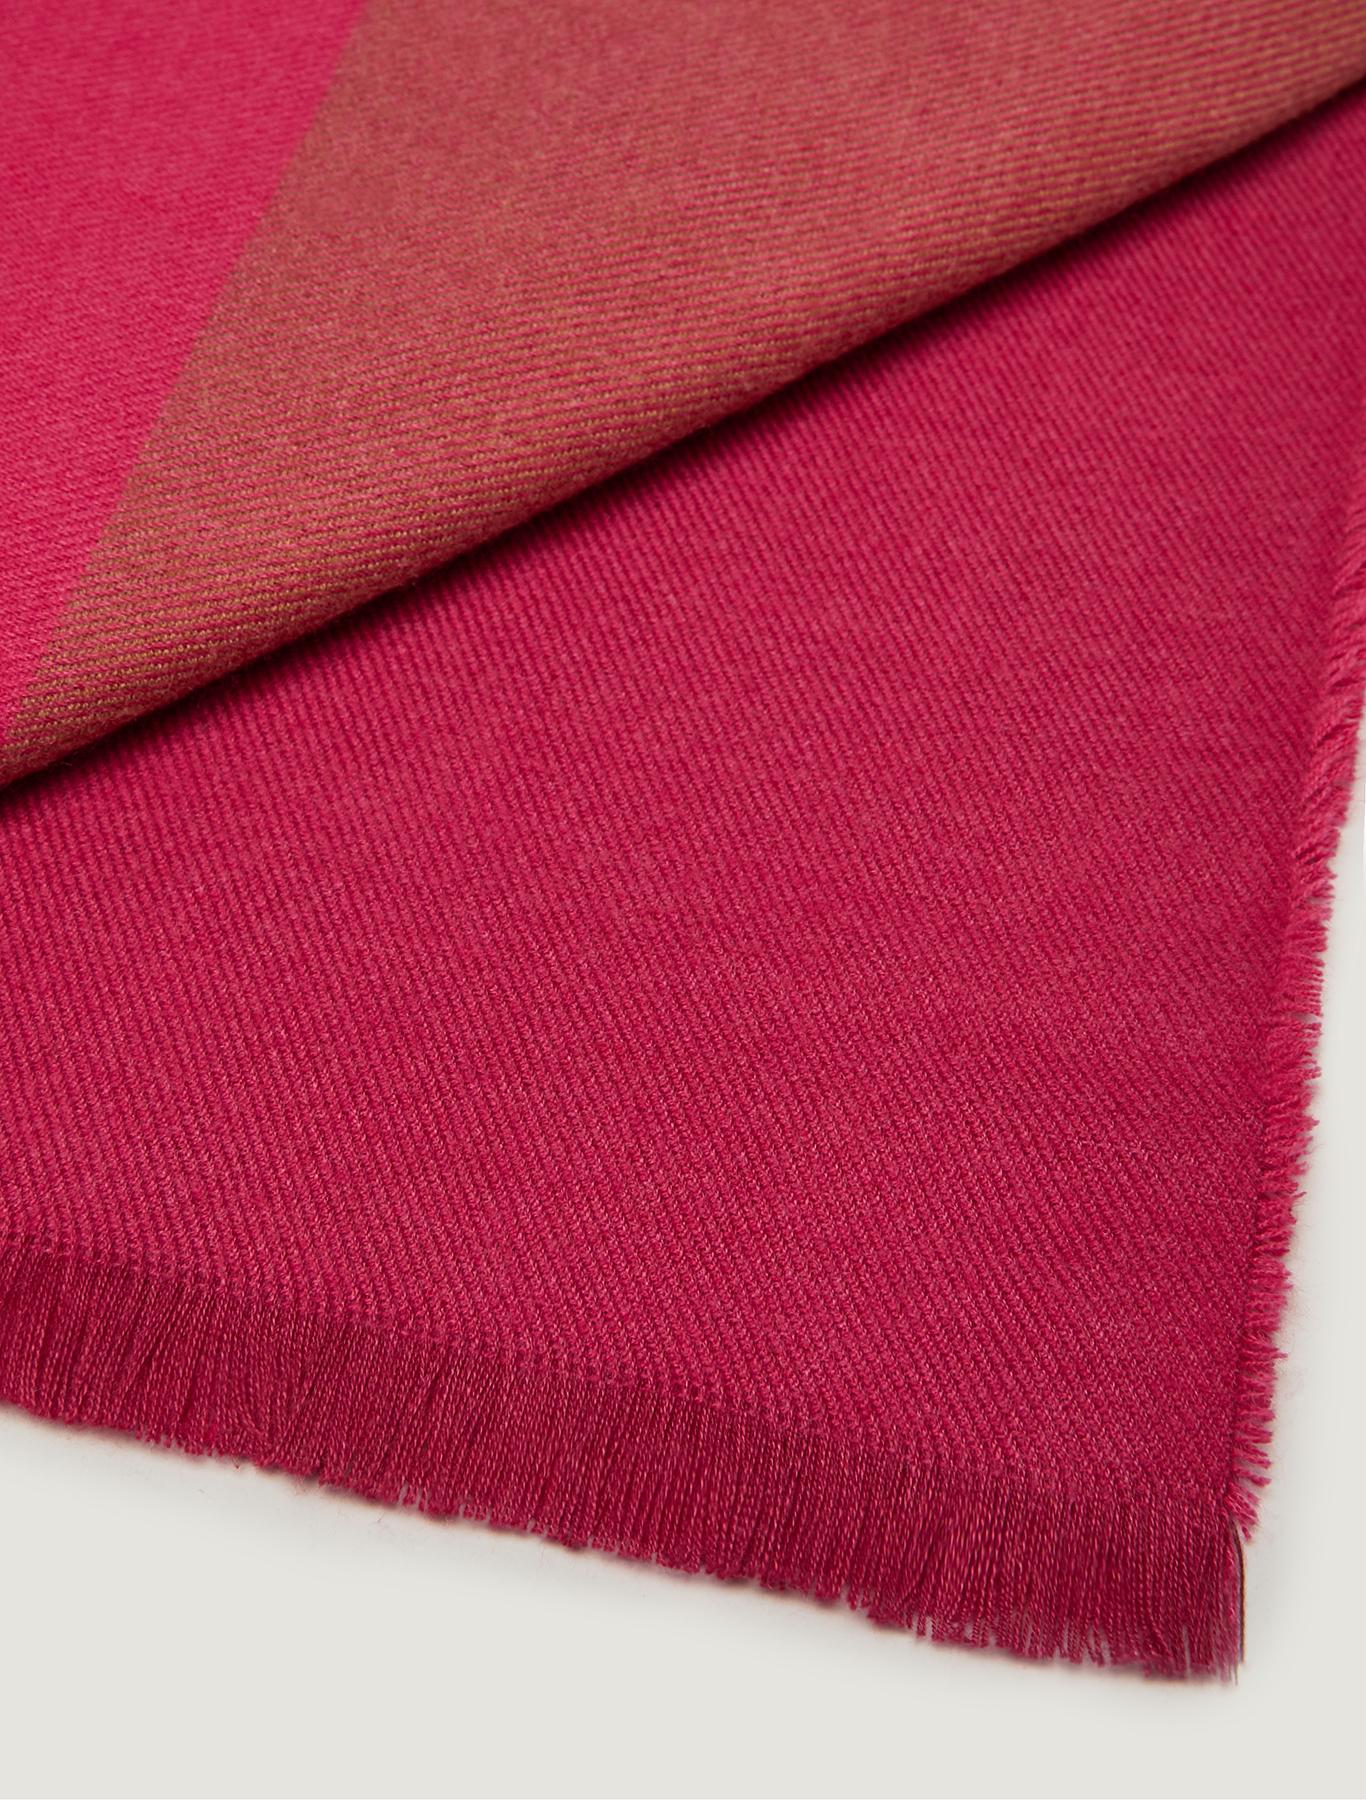 Colour block stole - fuchsia - pennyblack